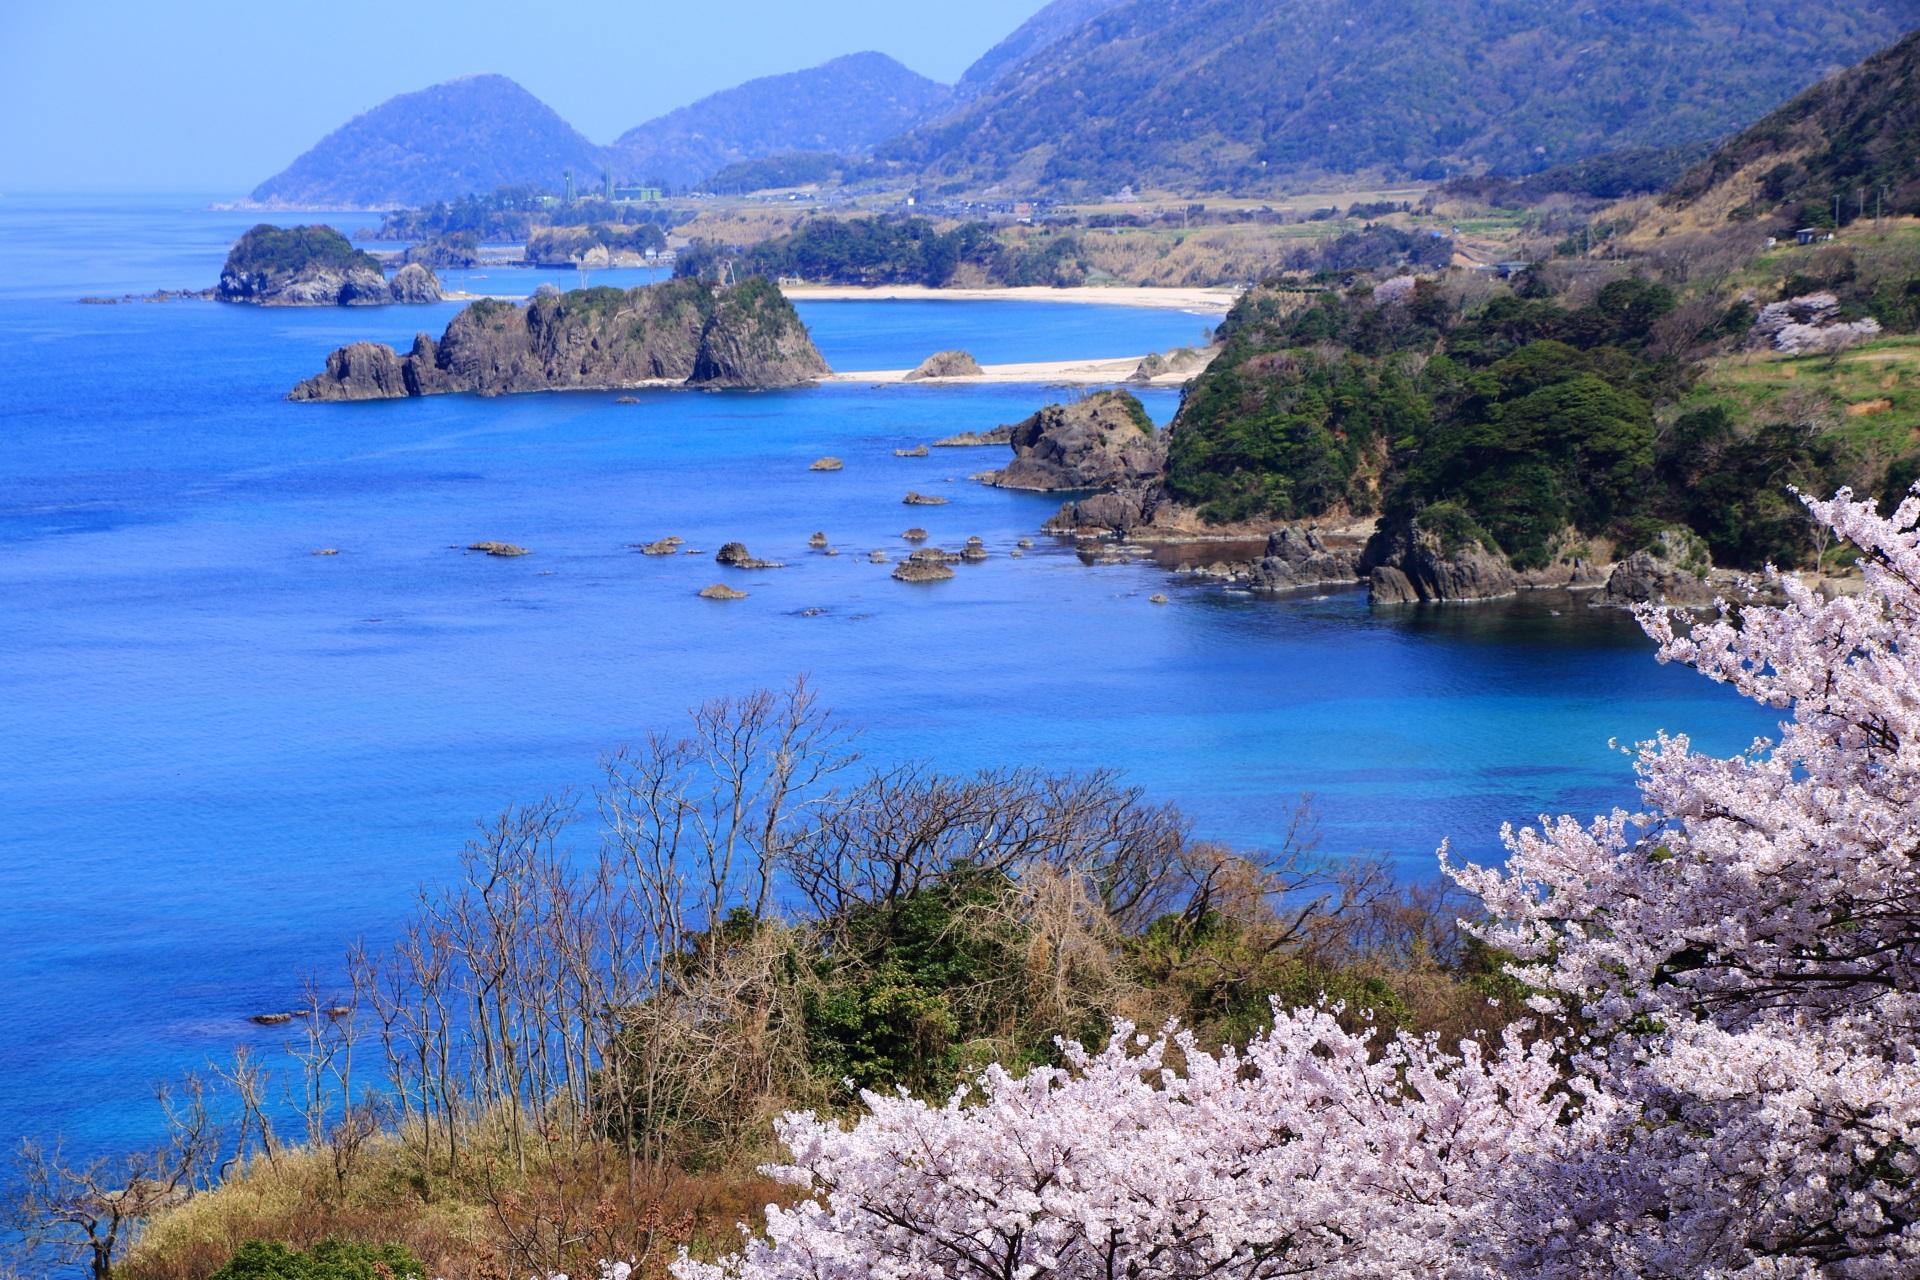 圧巻の青い海と丹後松島を染める桜